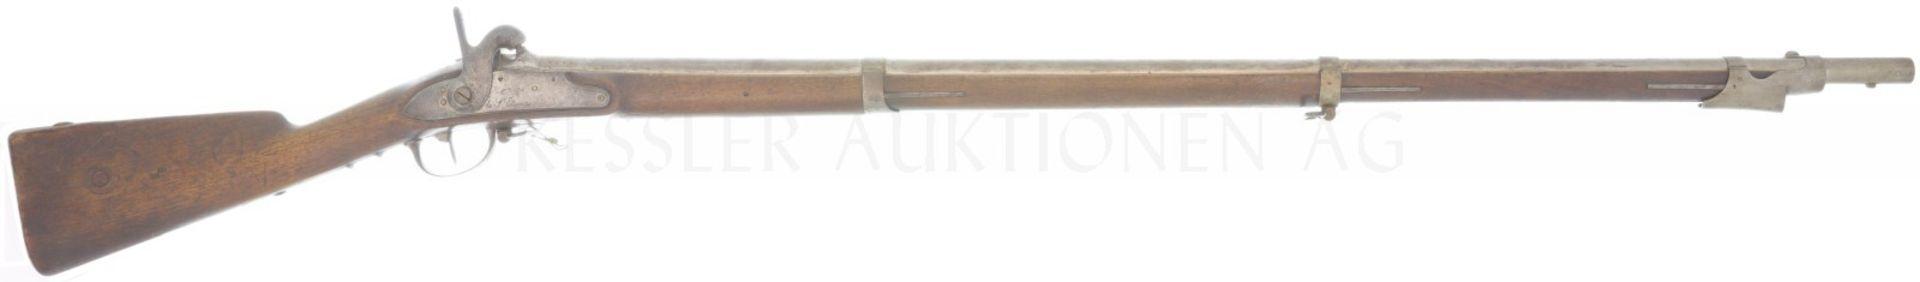 Perkussionsgewehr, franz. Infanterie Mle. 1822/40, Kal. 17.6mm